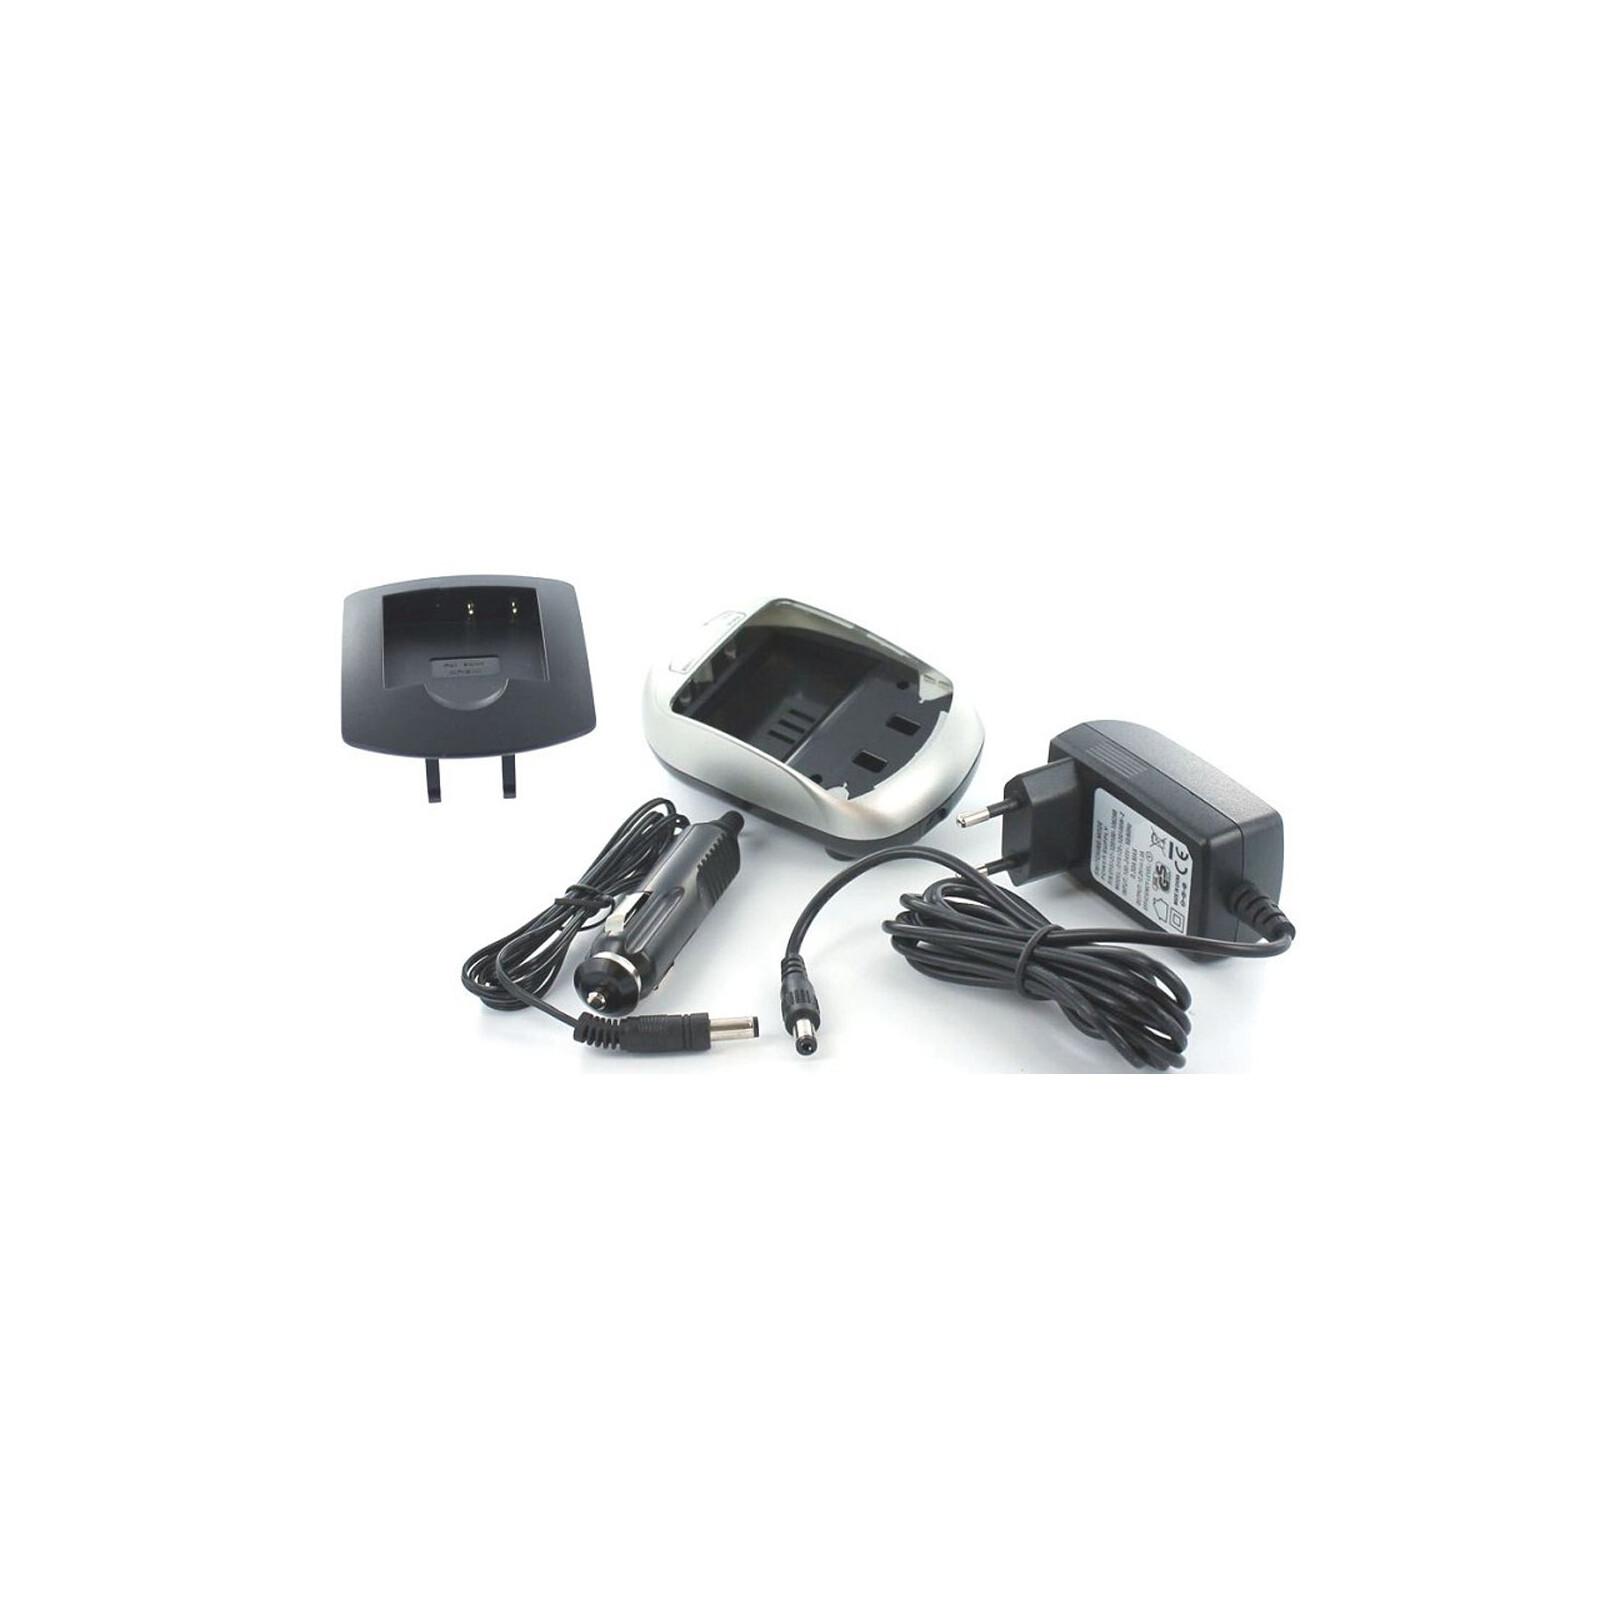 AGI 18205 Ladegerät Sony DSC-W830